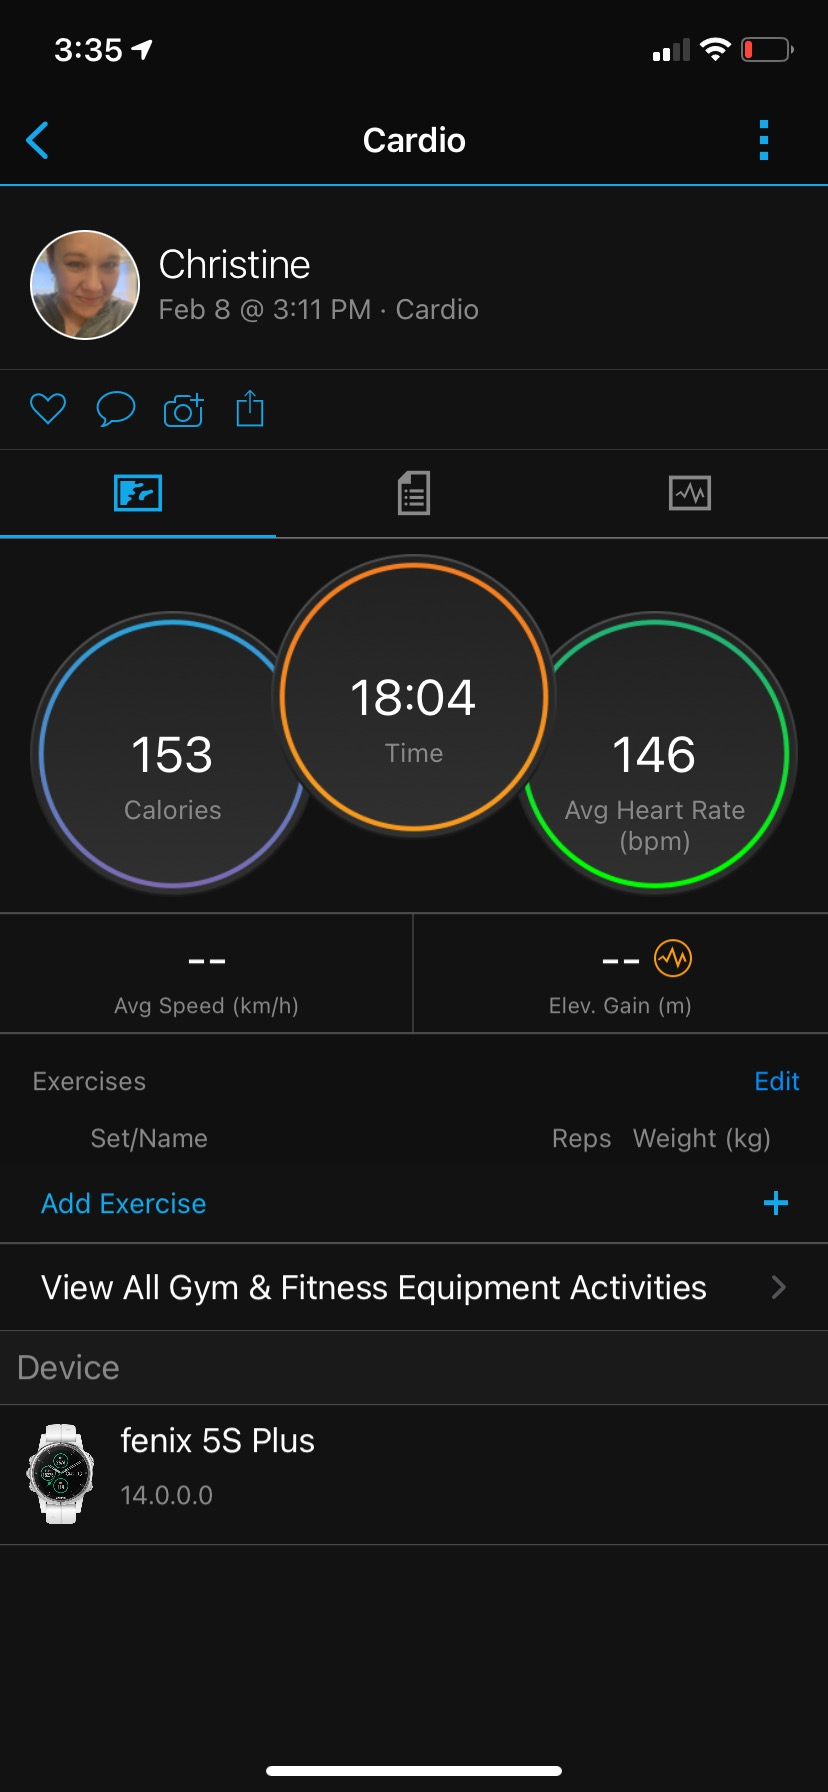 Garmin Connect iQ app cardio summary